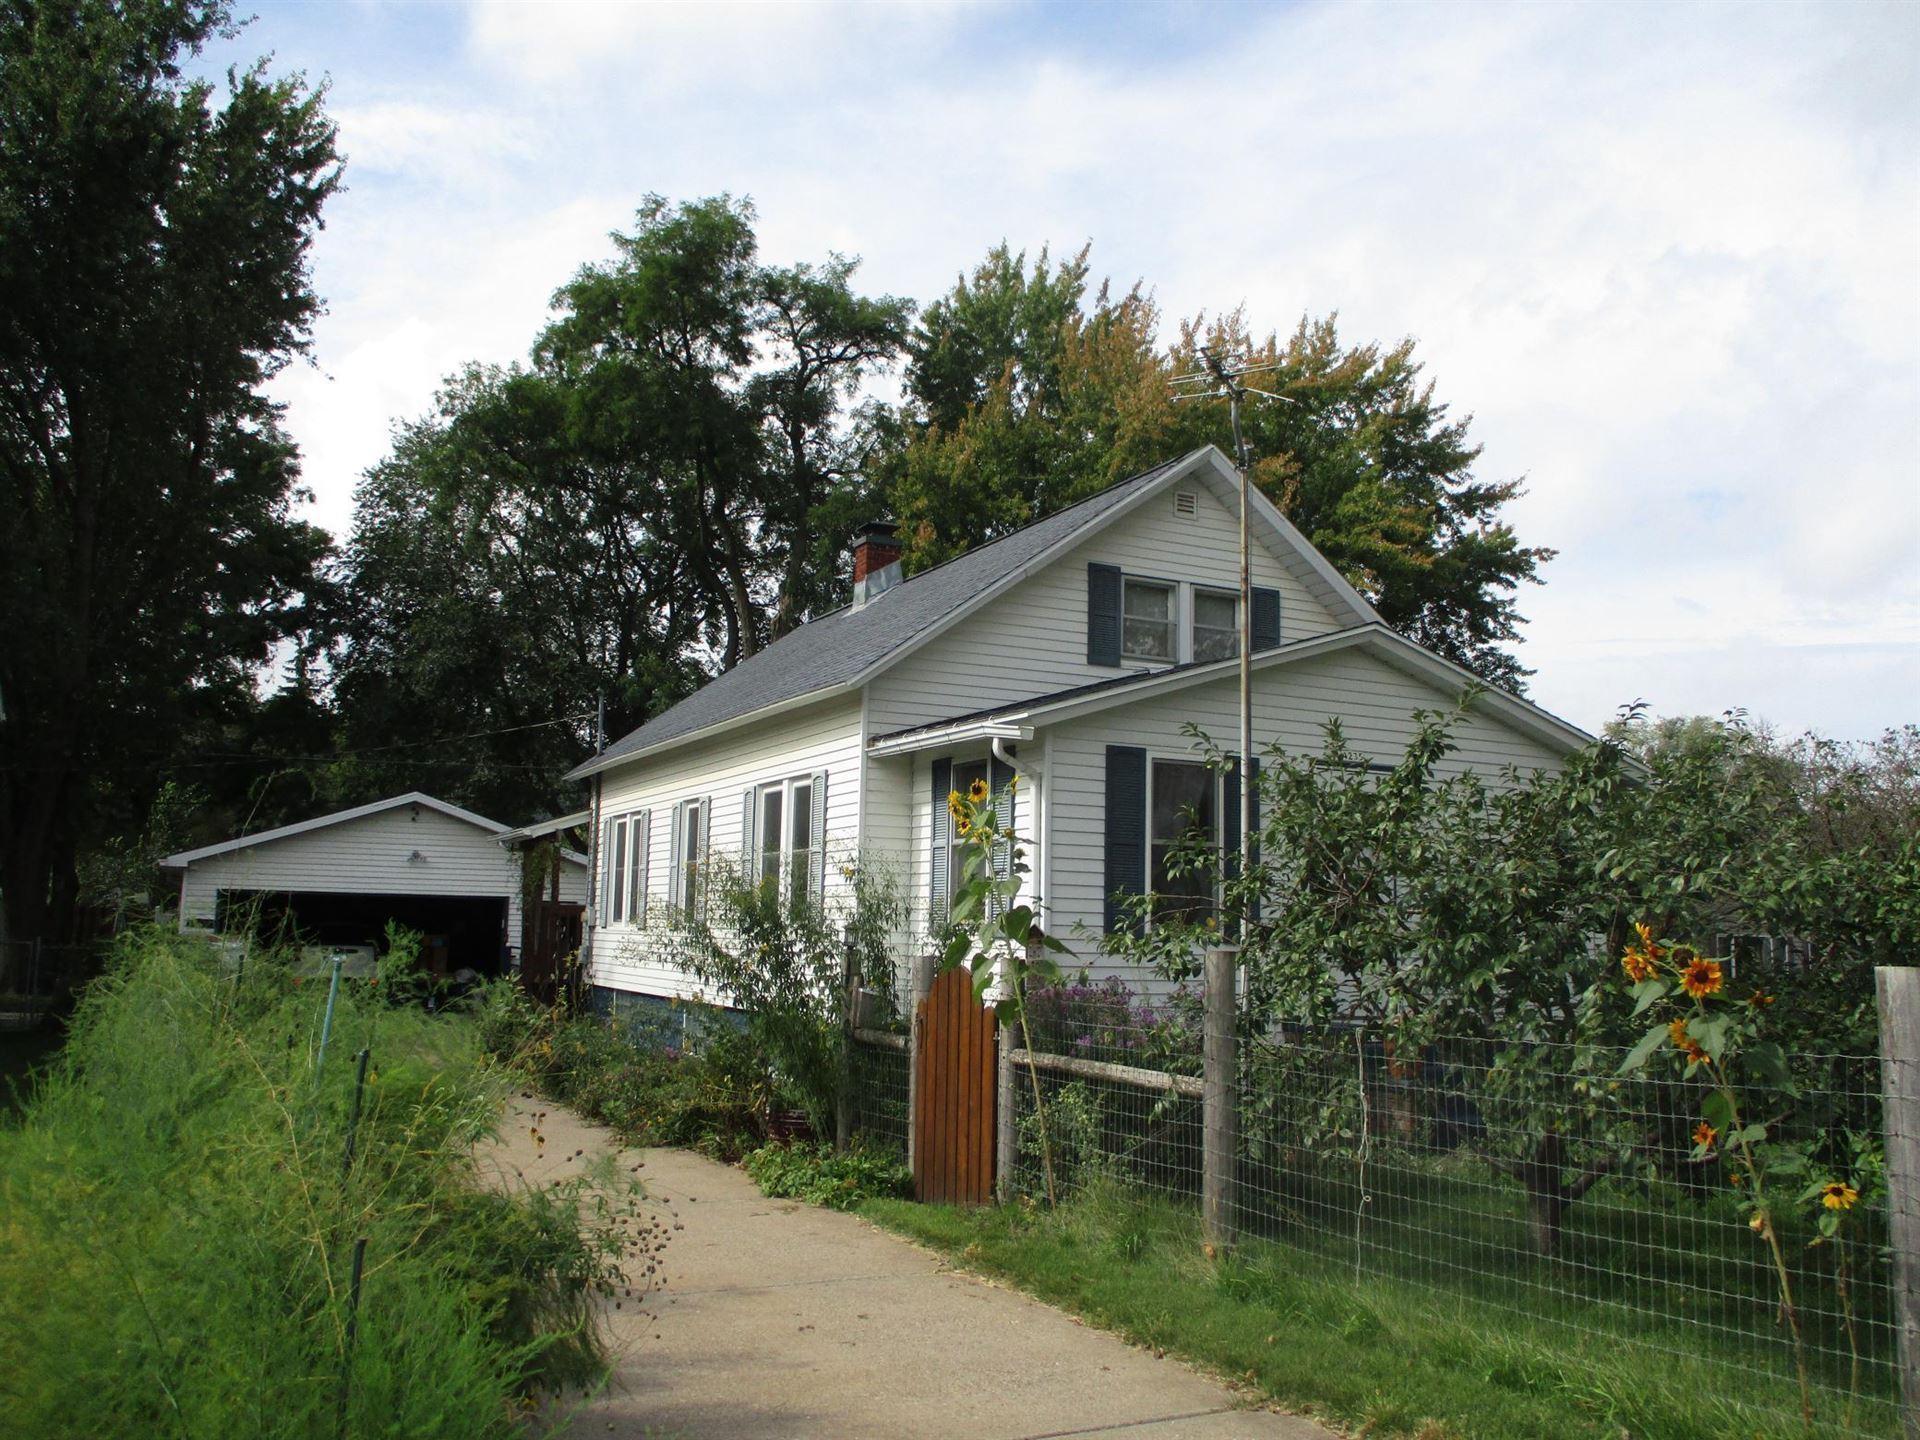 4235 W 6th Street, Goodview, MN 55987 - MLS#: 6102842